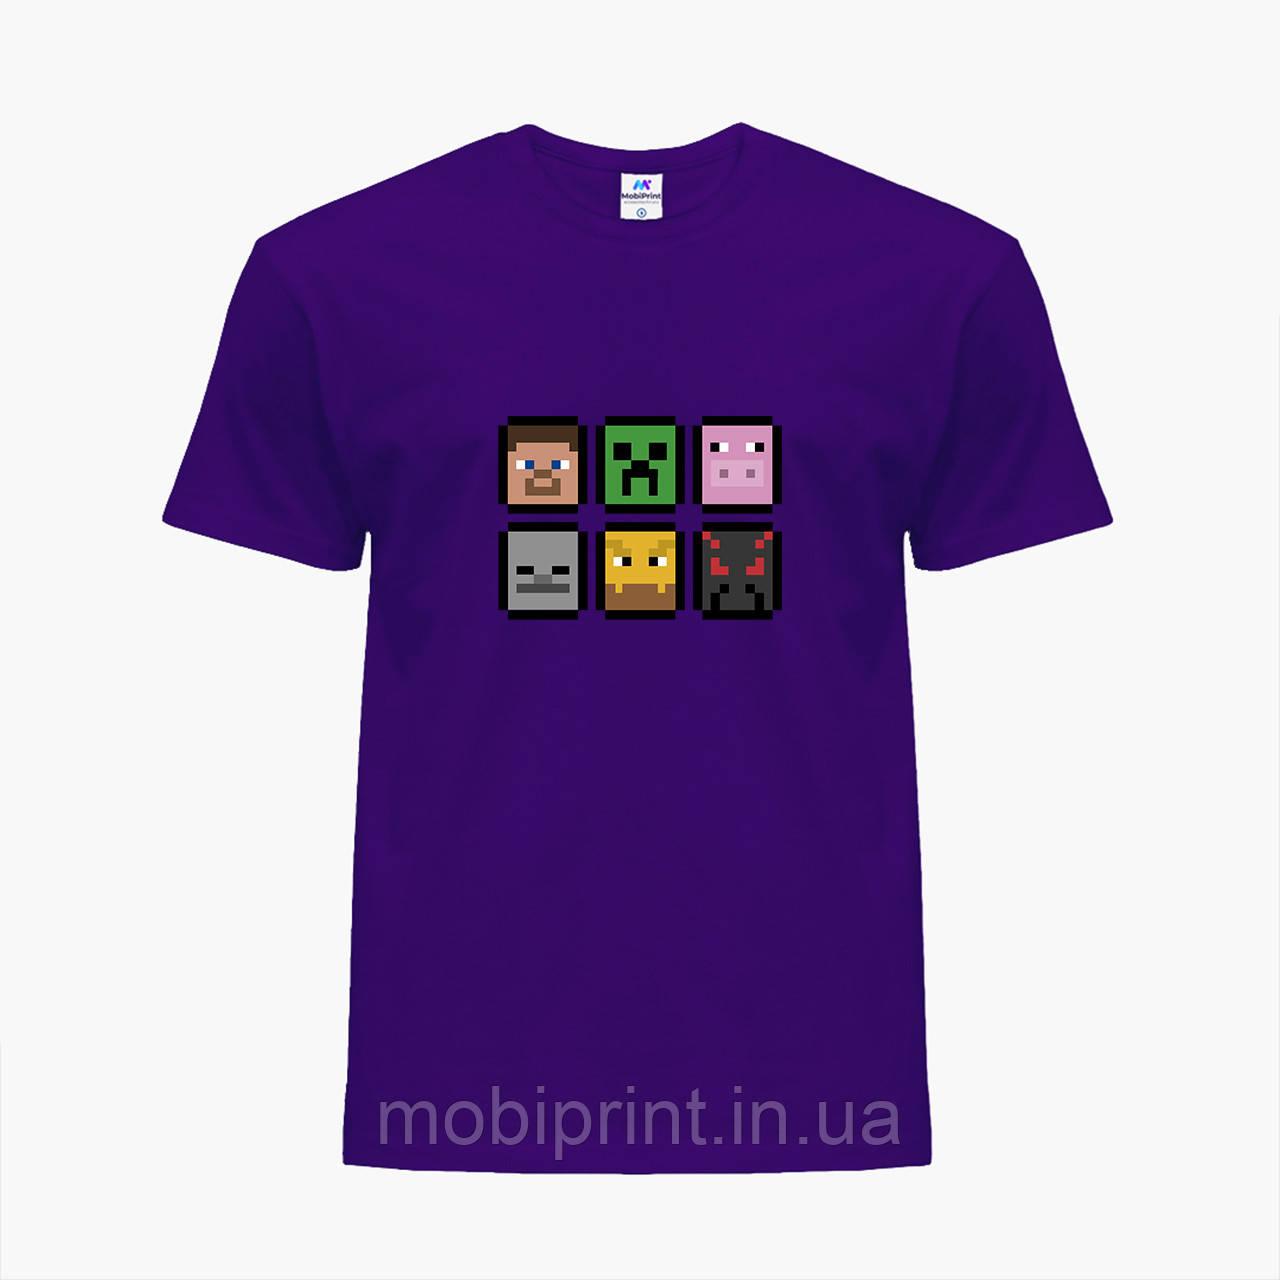 Детская футболка для мальчиков Майнкрафт (Minecraft) (25186-1173) Фиолетовый